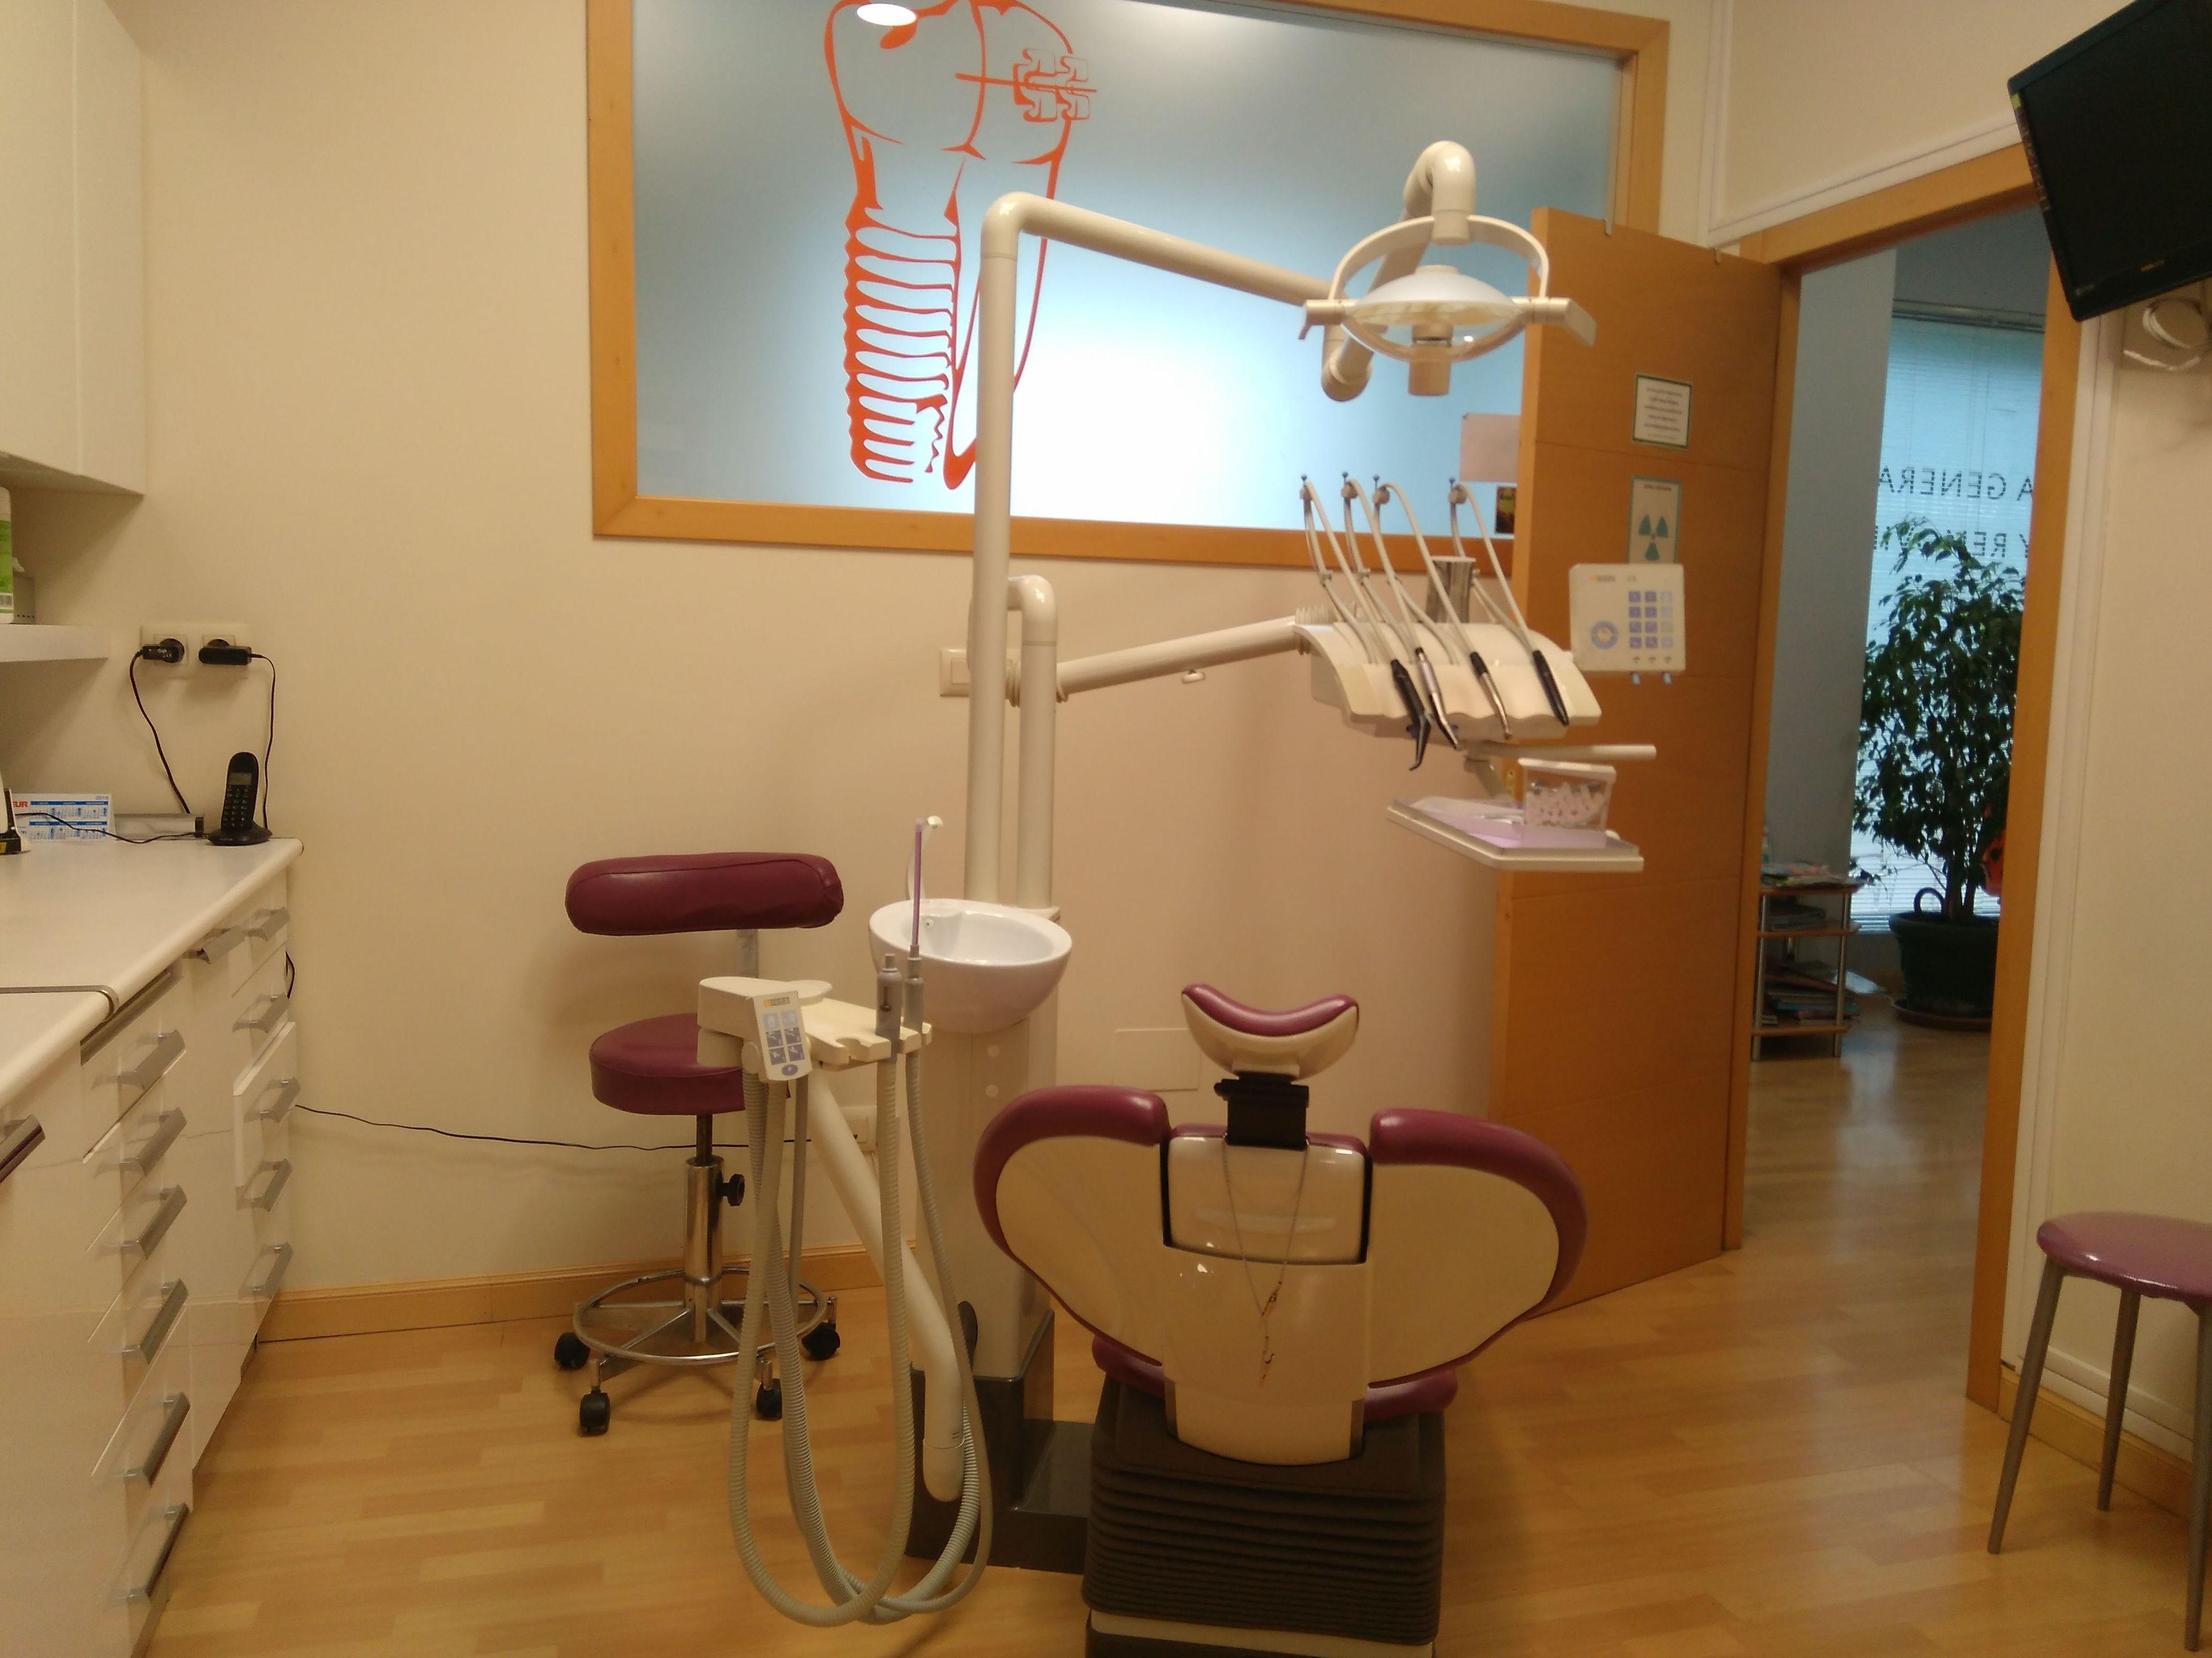 Cirugía maxilofacial en Gijón